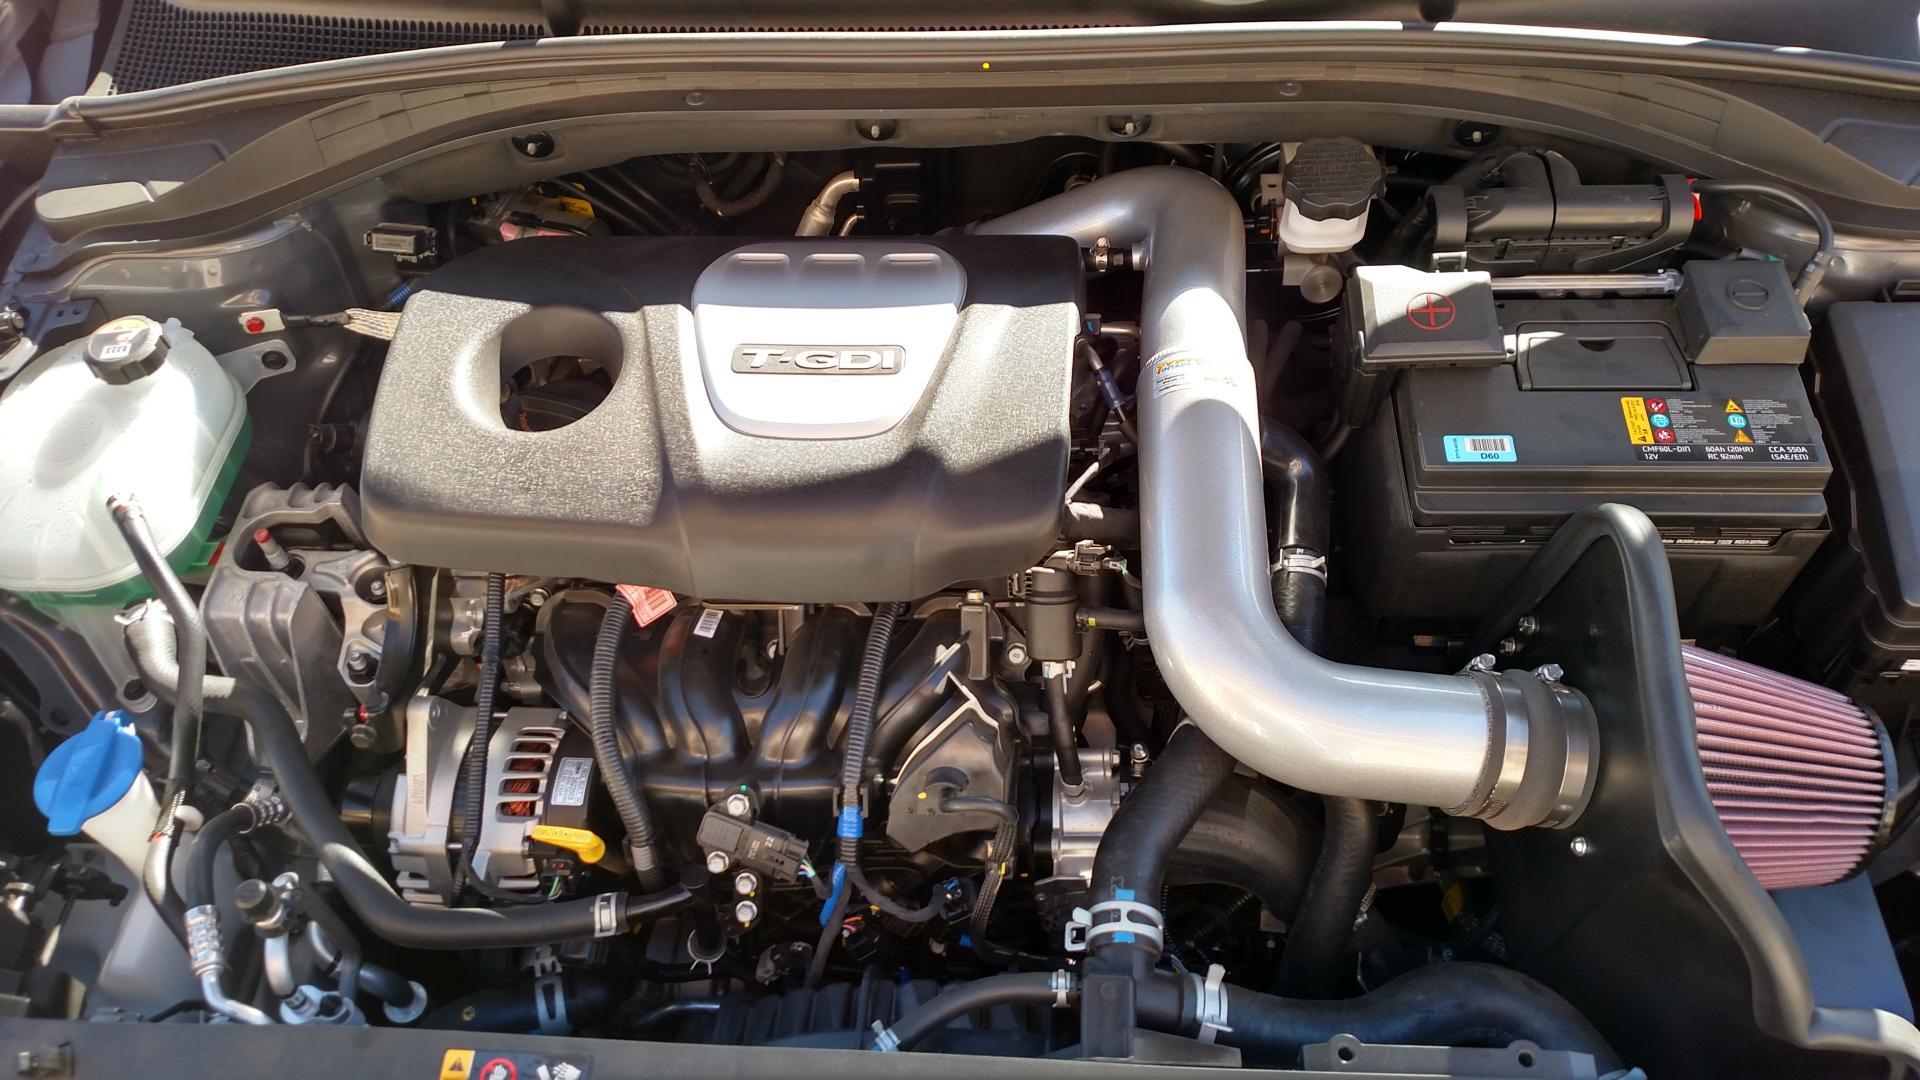 K&N intake - Hyundai Elantra GT Turbo & Elantra GT N